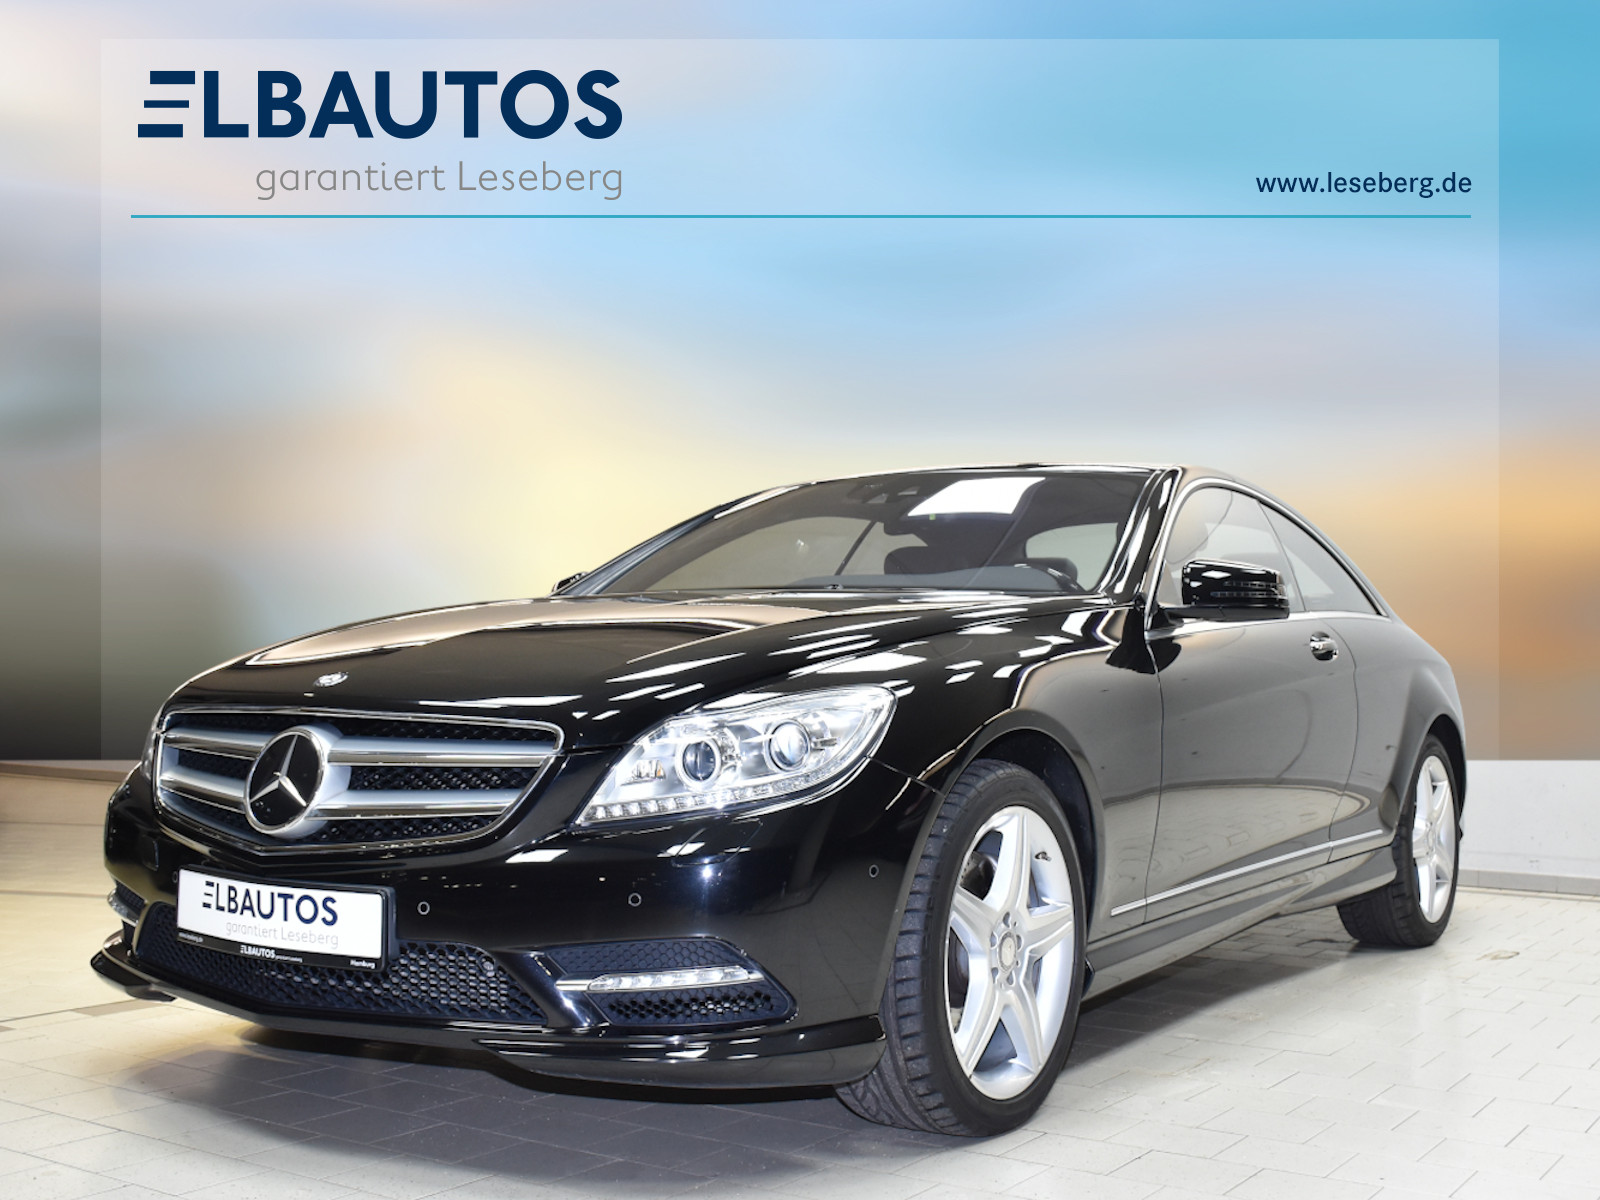 Mercedes-Benz CL 500 4M BE AMG Line/Kamera/Standhzg/Keyless/7G, Jahr 2013, Benzin